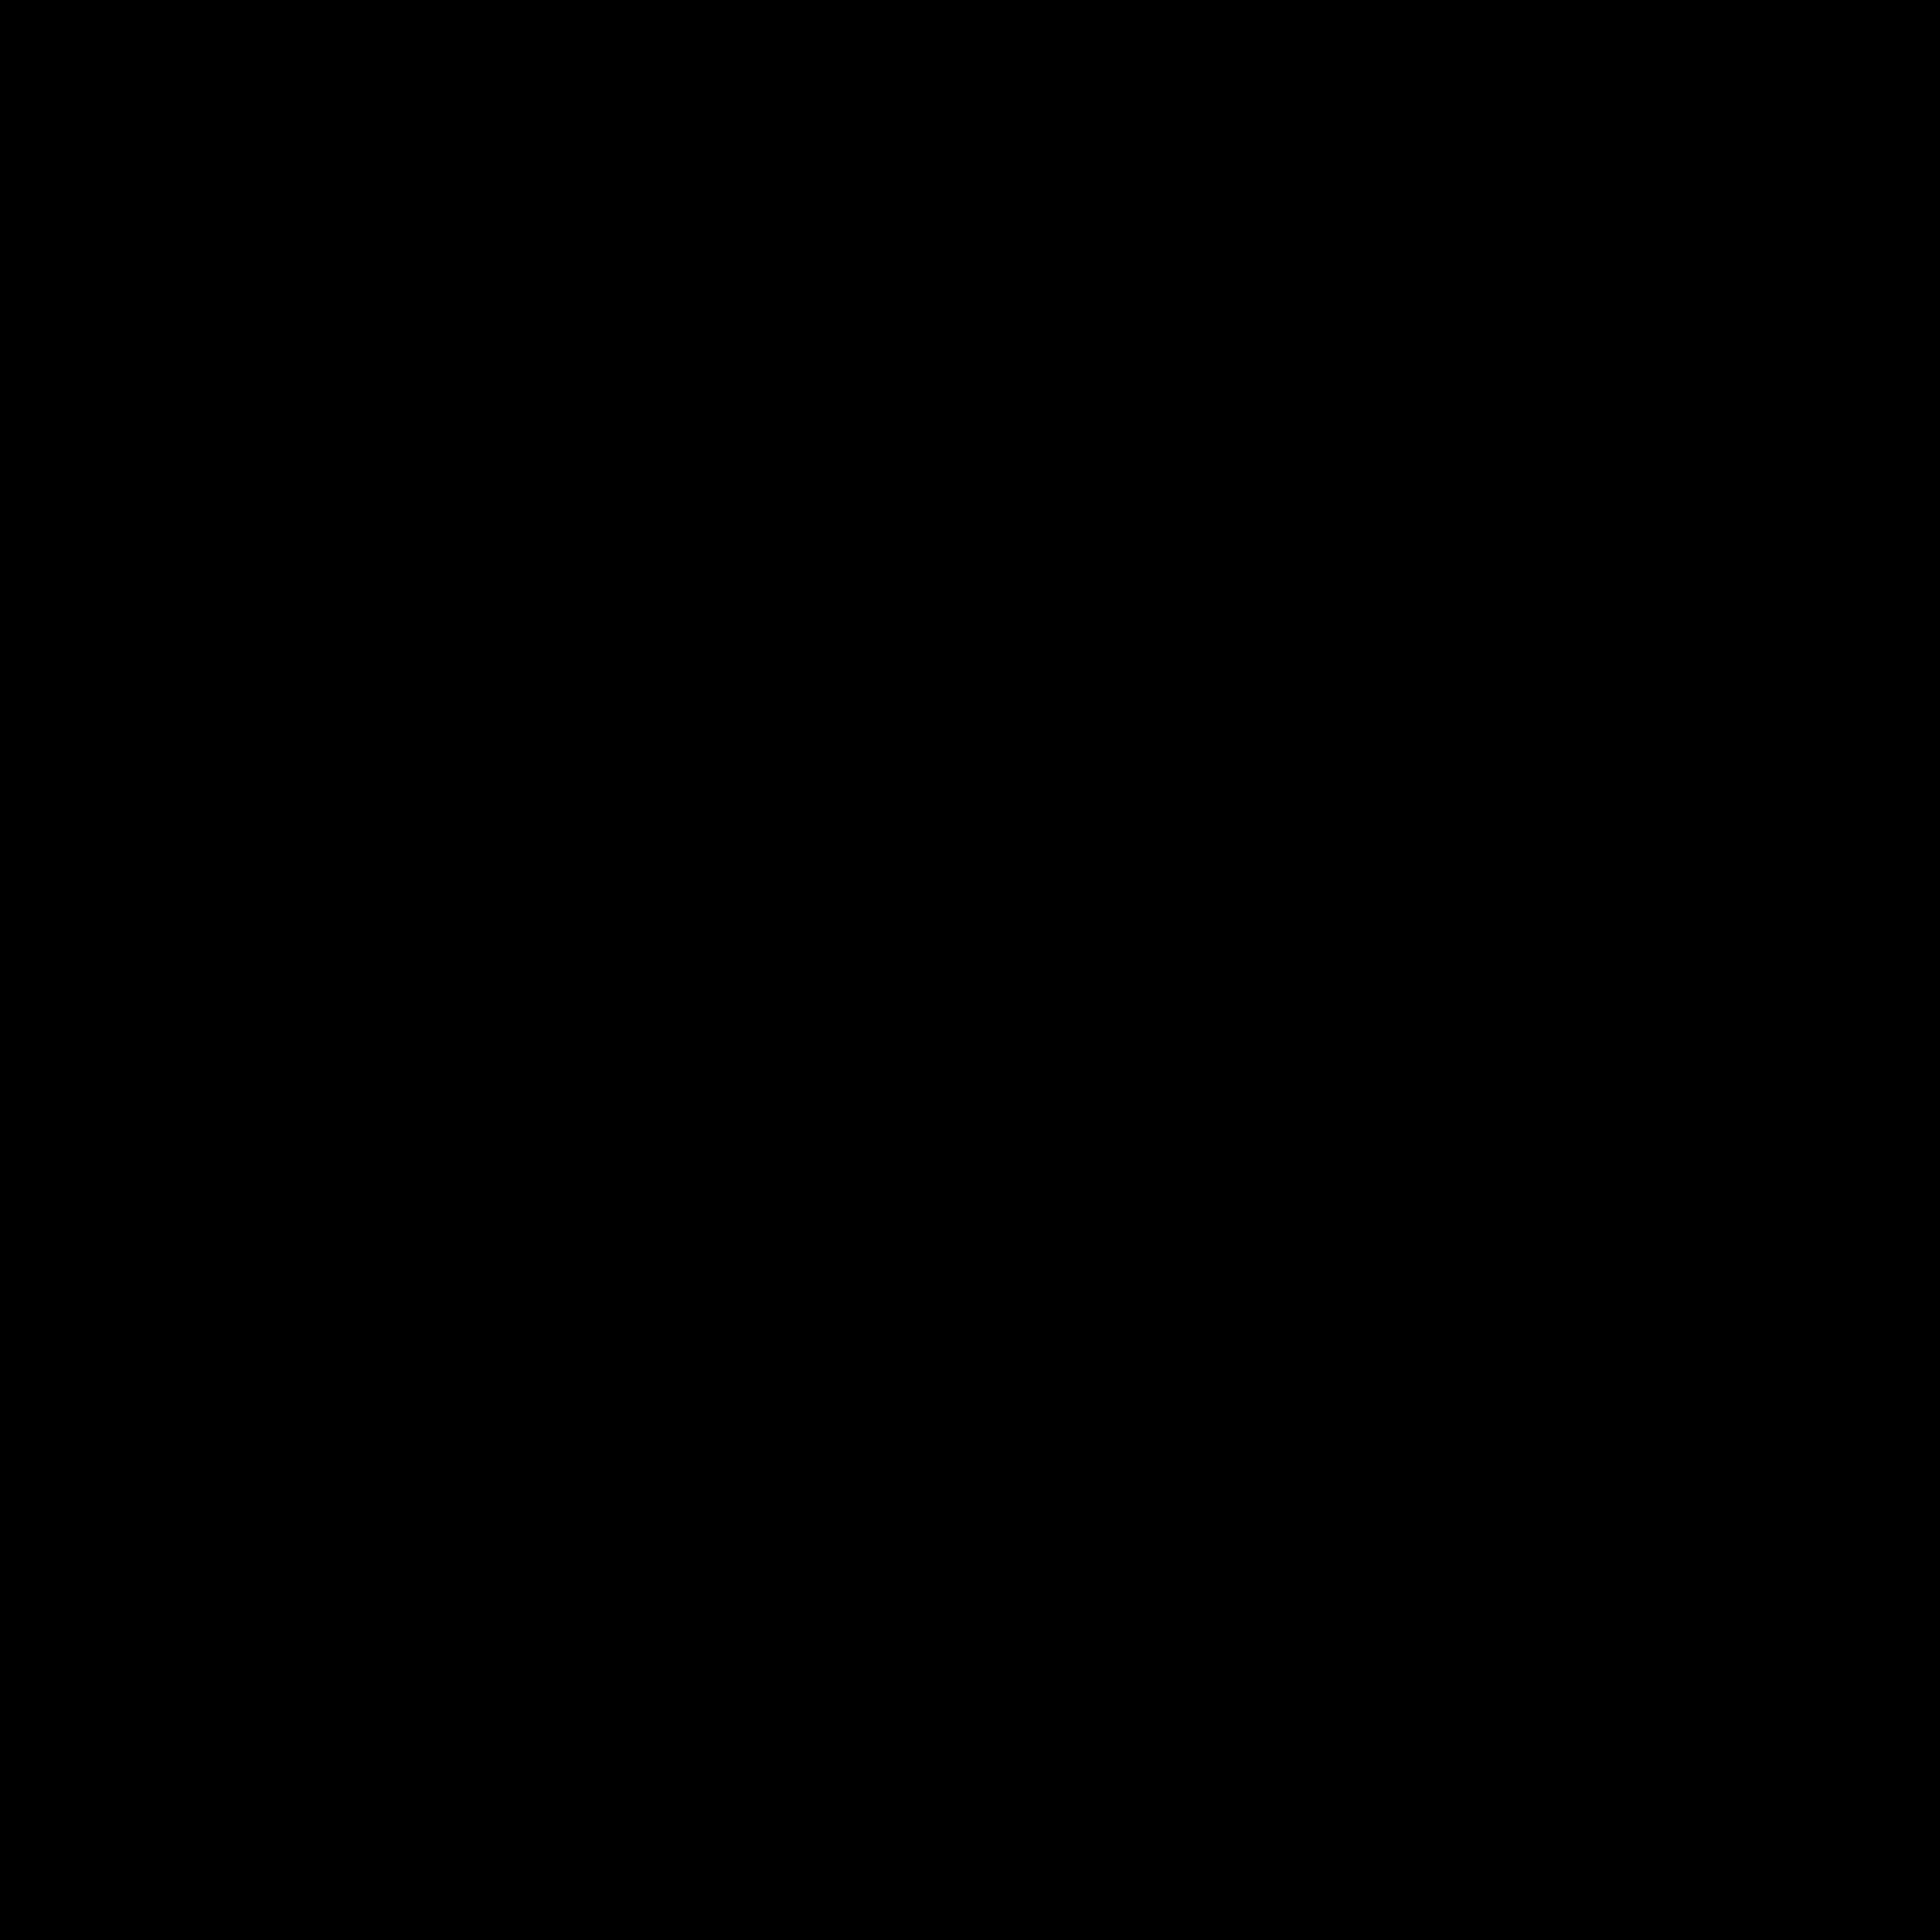 ZL_firkant.png